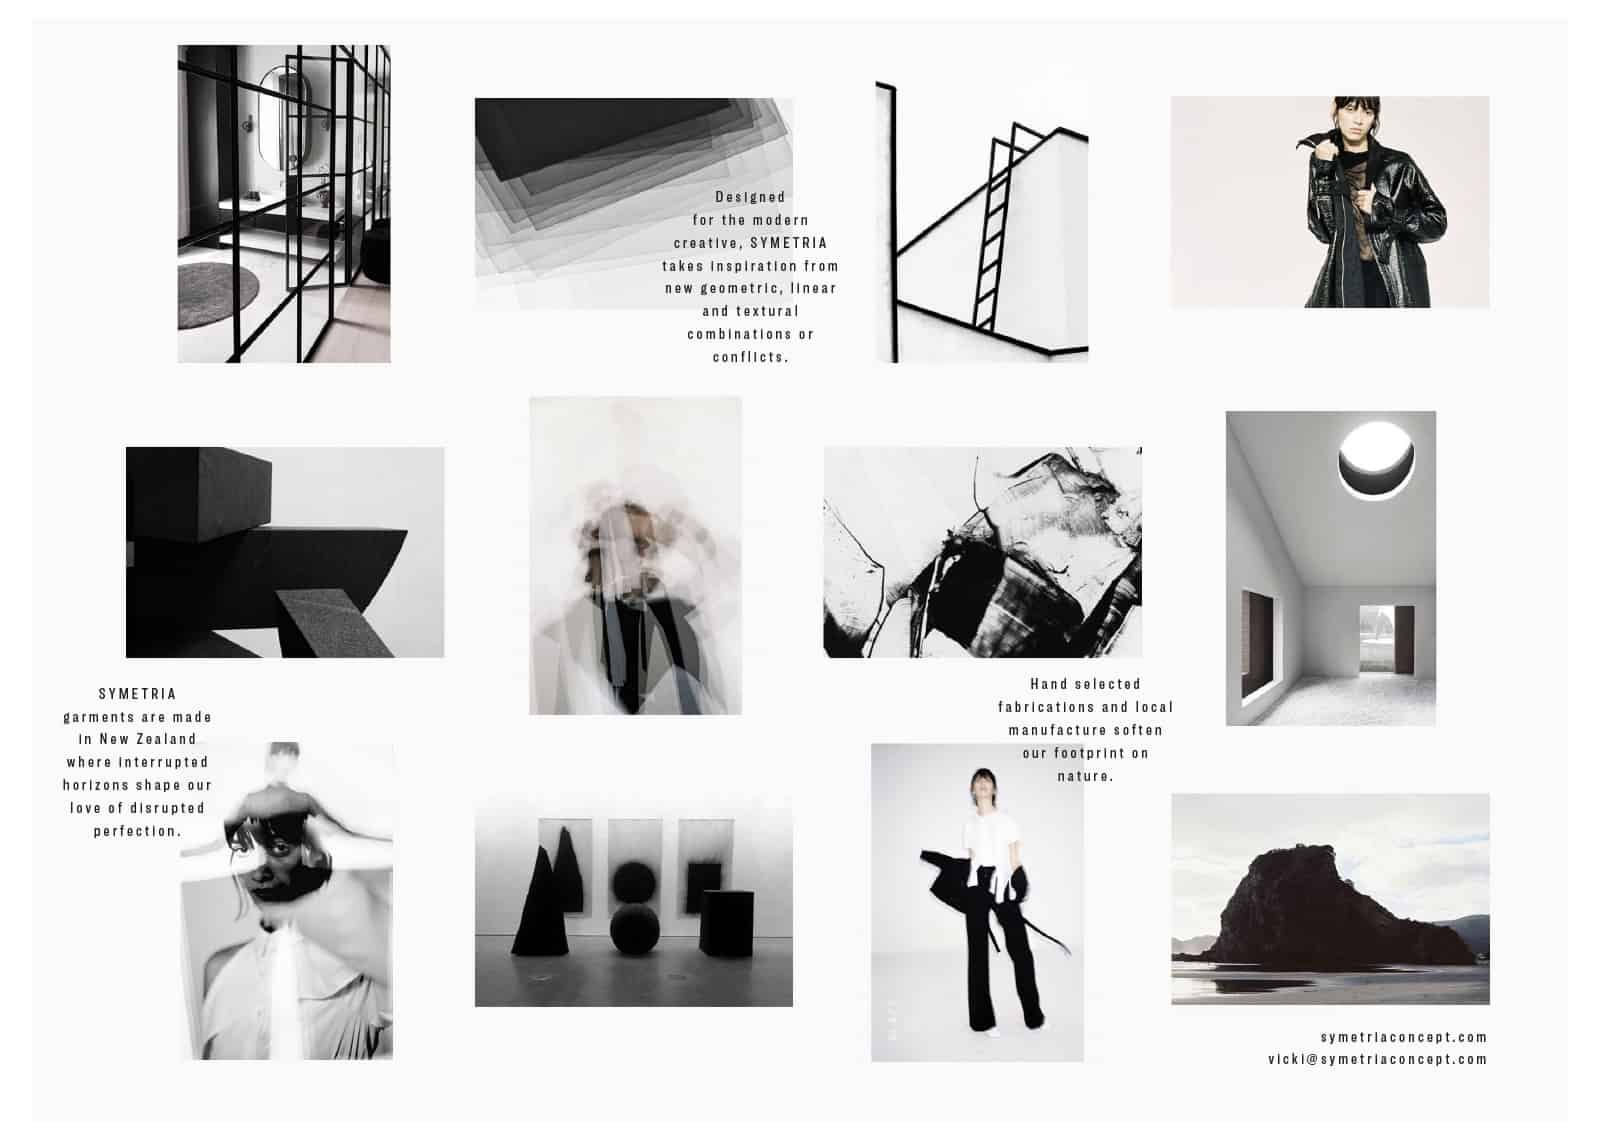 Symetria Brand V4 New Imagery 5